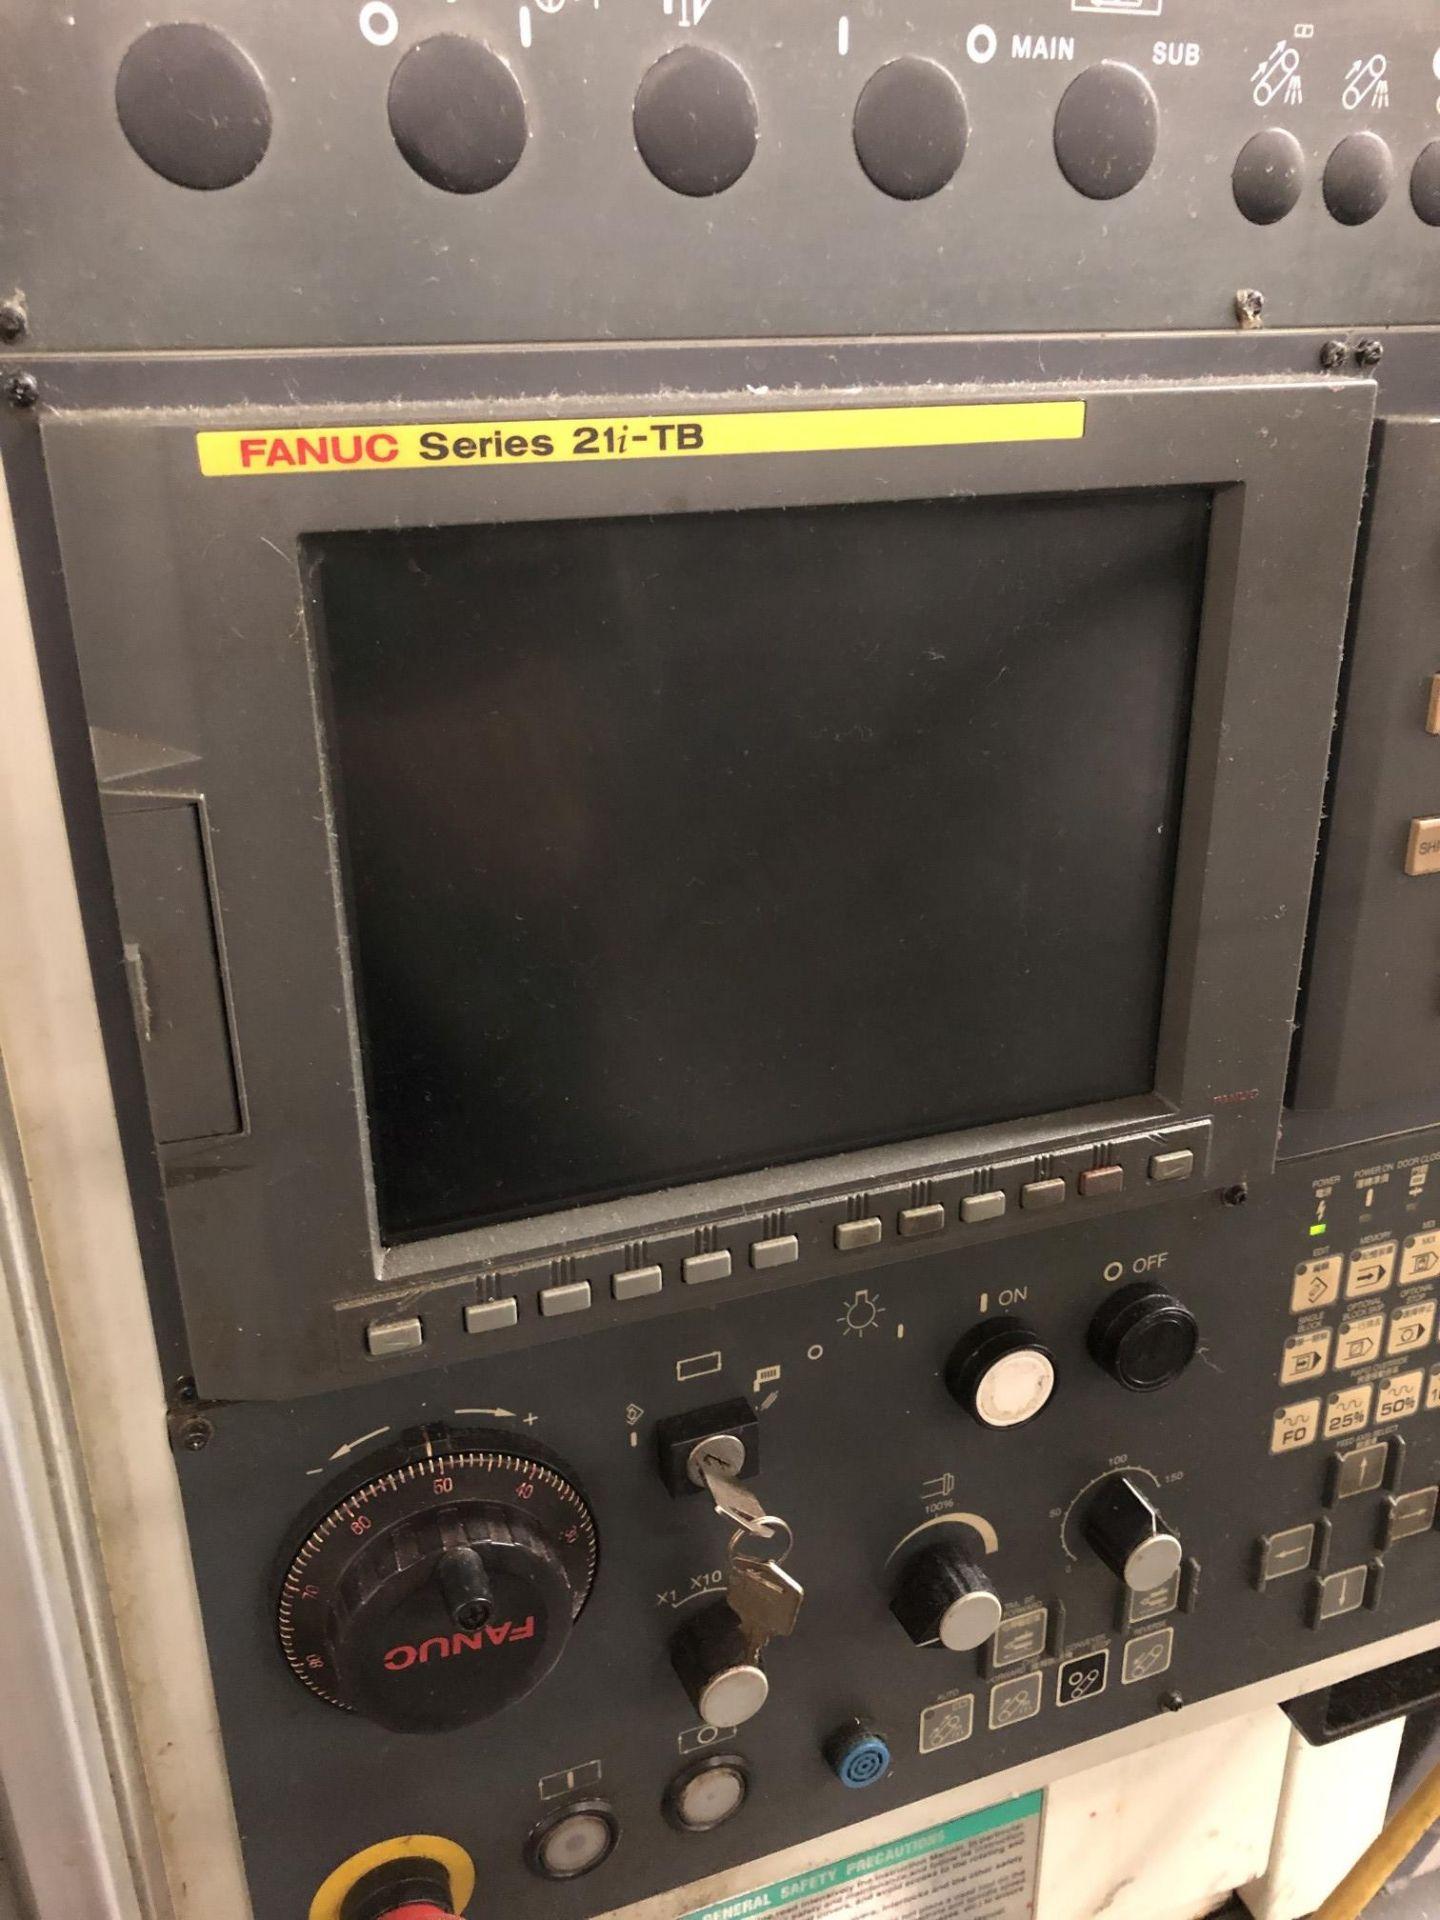 2006 Takisawa EX-106 CNC Lathe - Image 3 of 8